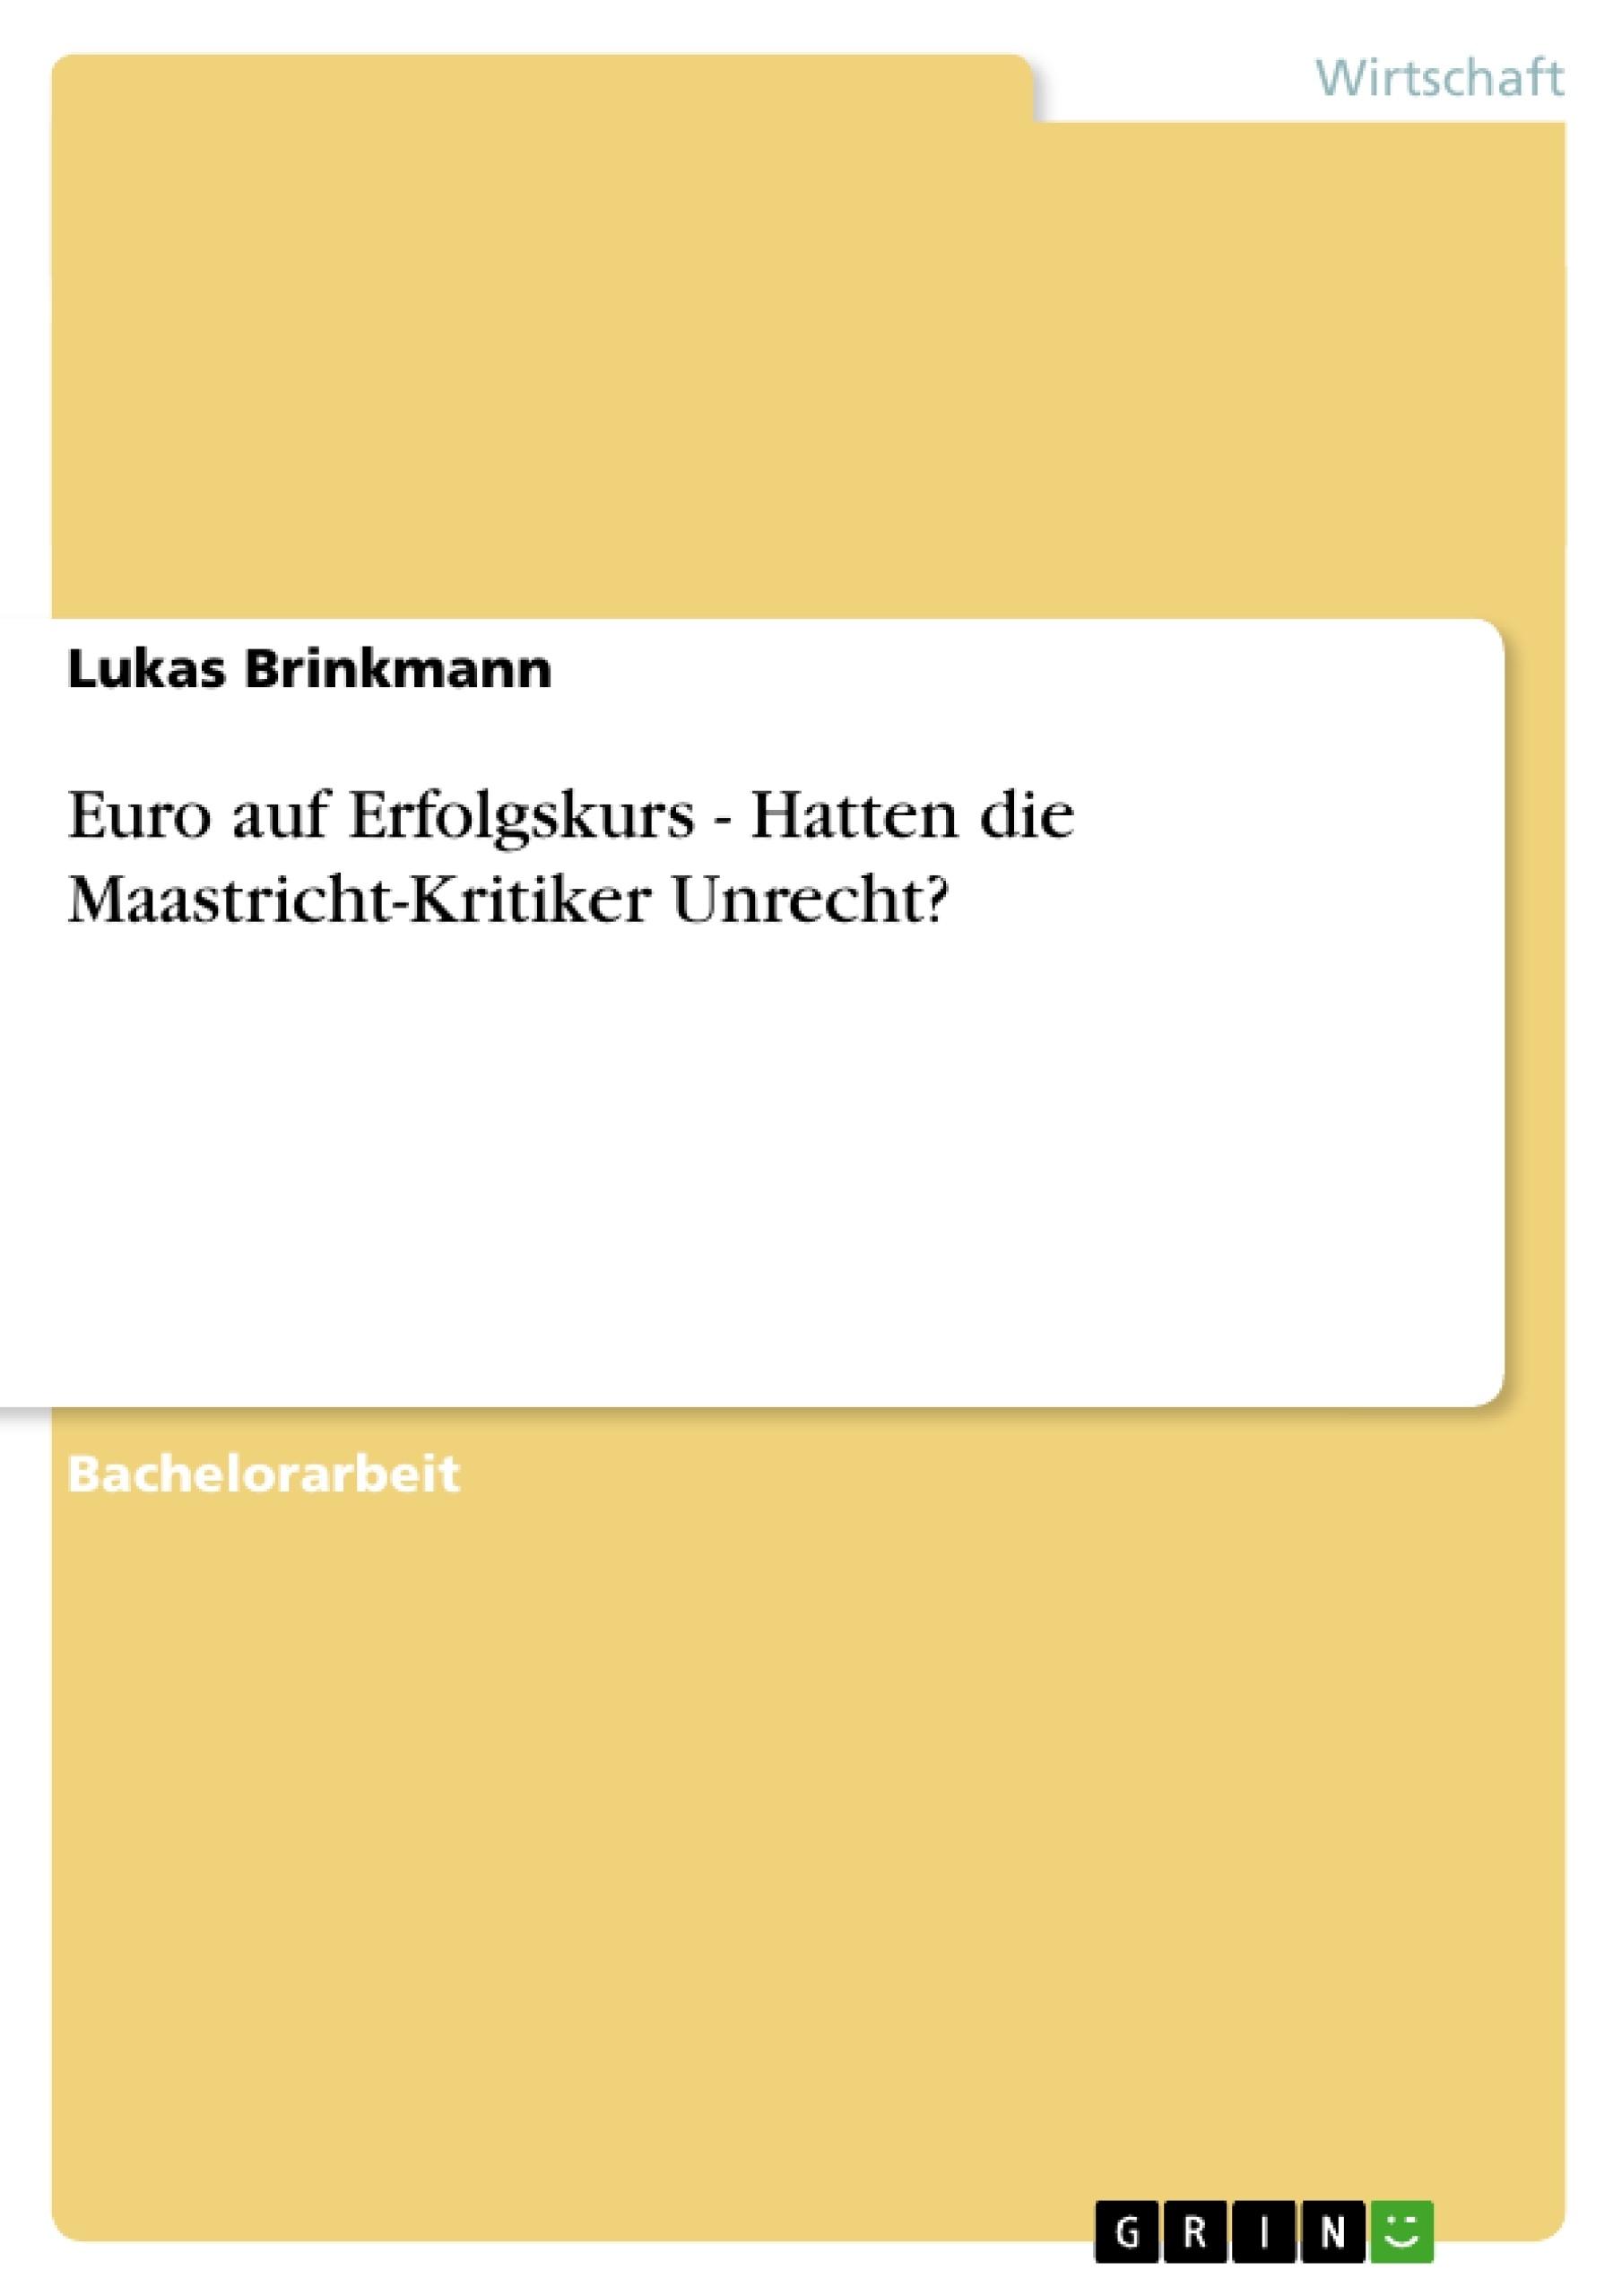 Titel: Euro auf Erfolgskurs - Hatten die Maastricht-Kritiker Unrecht?